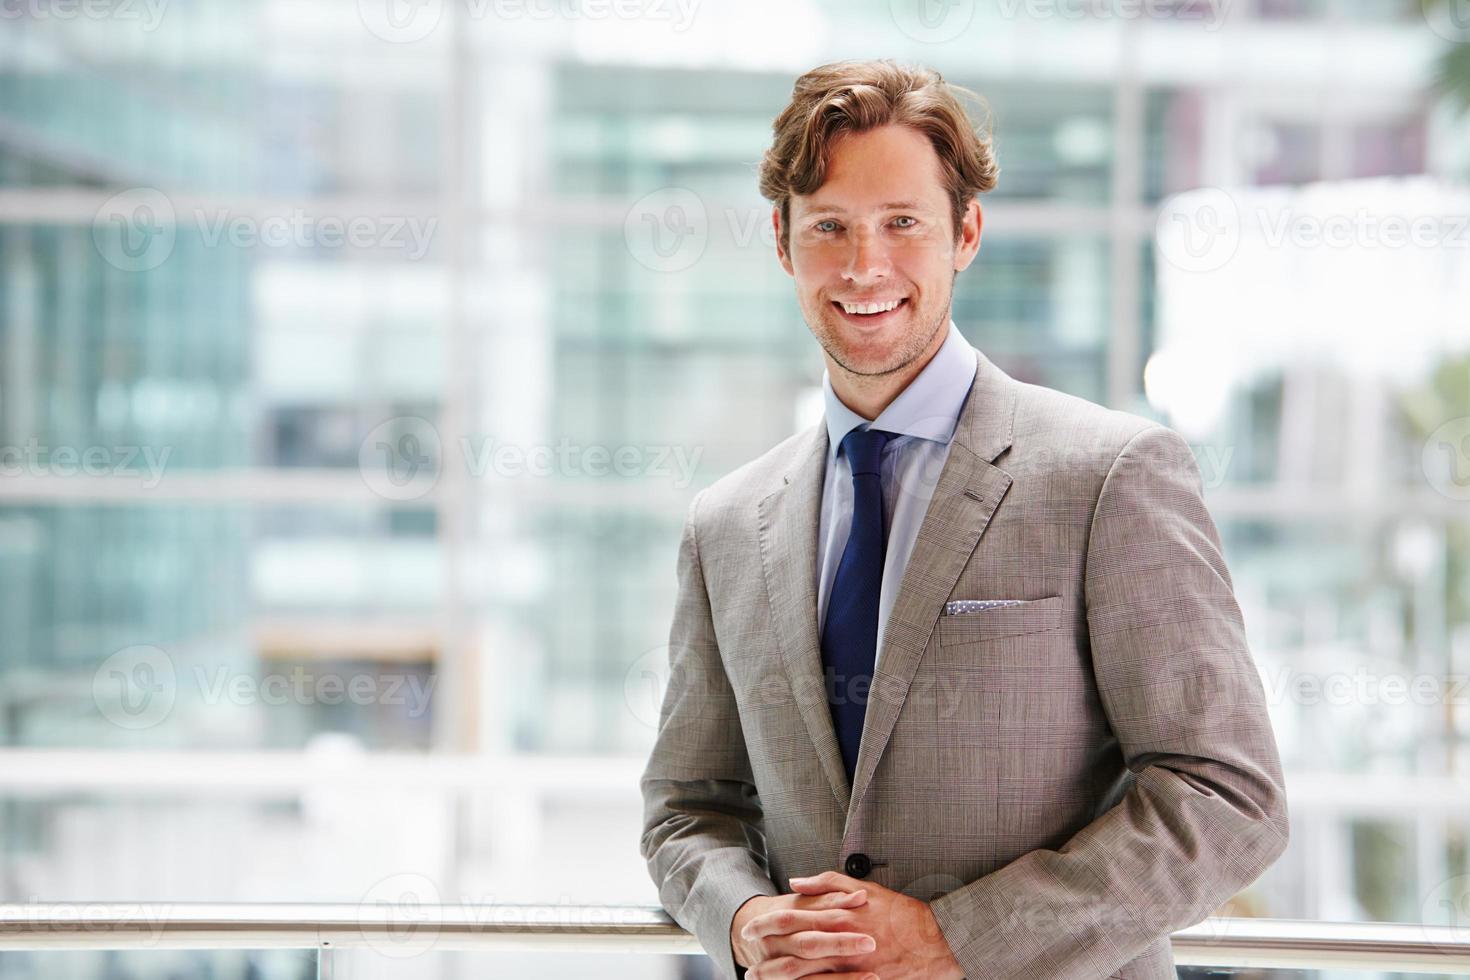 Corporate businessman in modern interior, waist up portrait photo